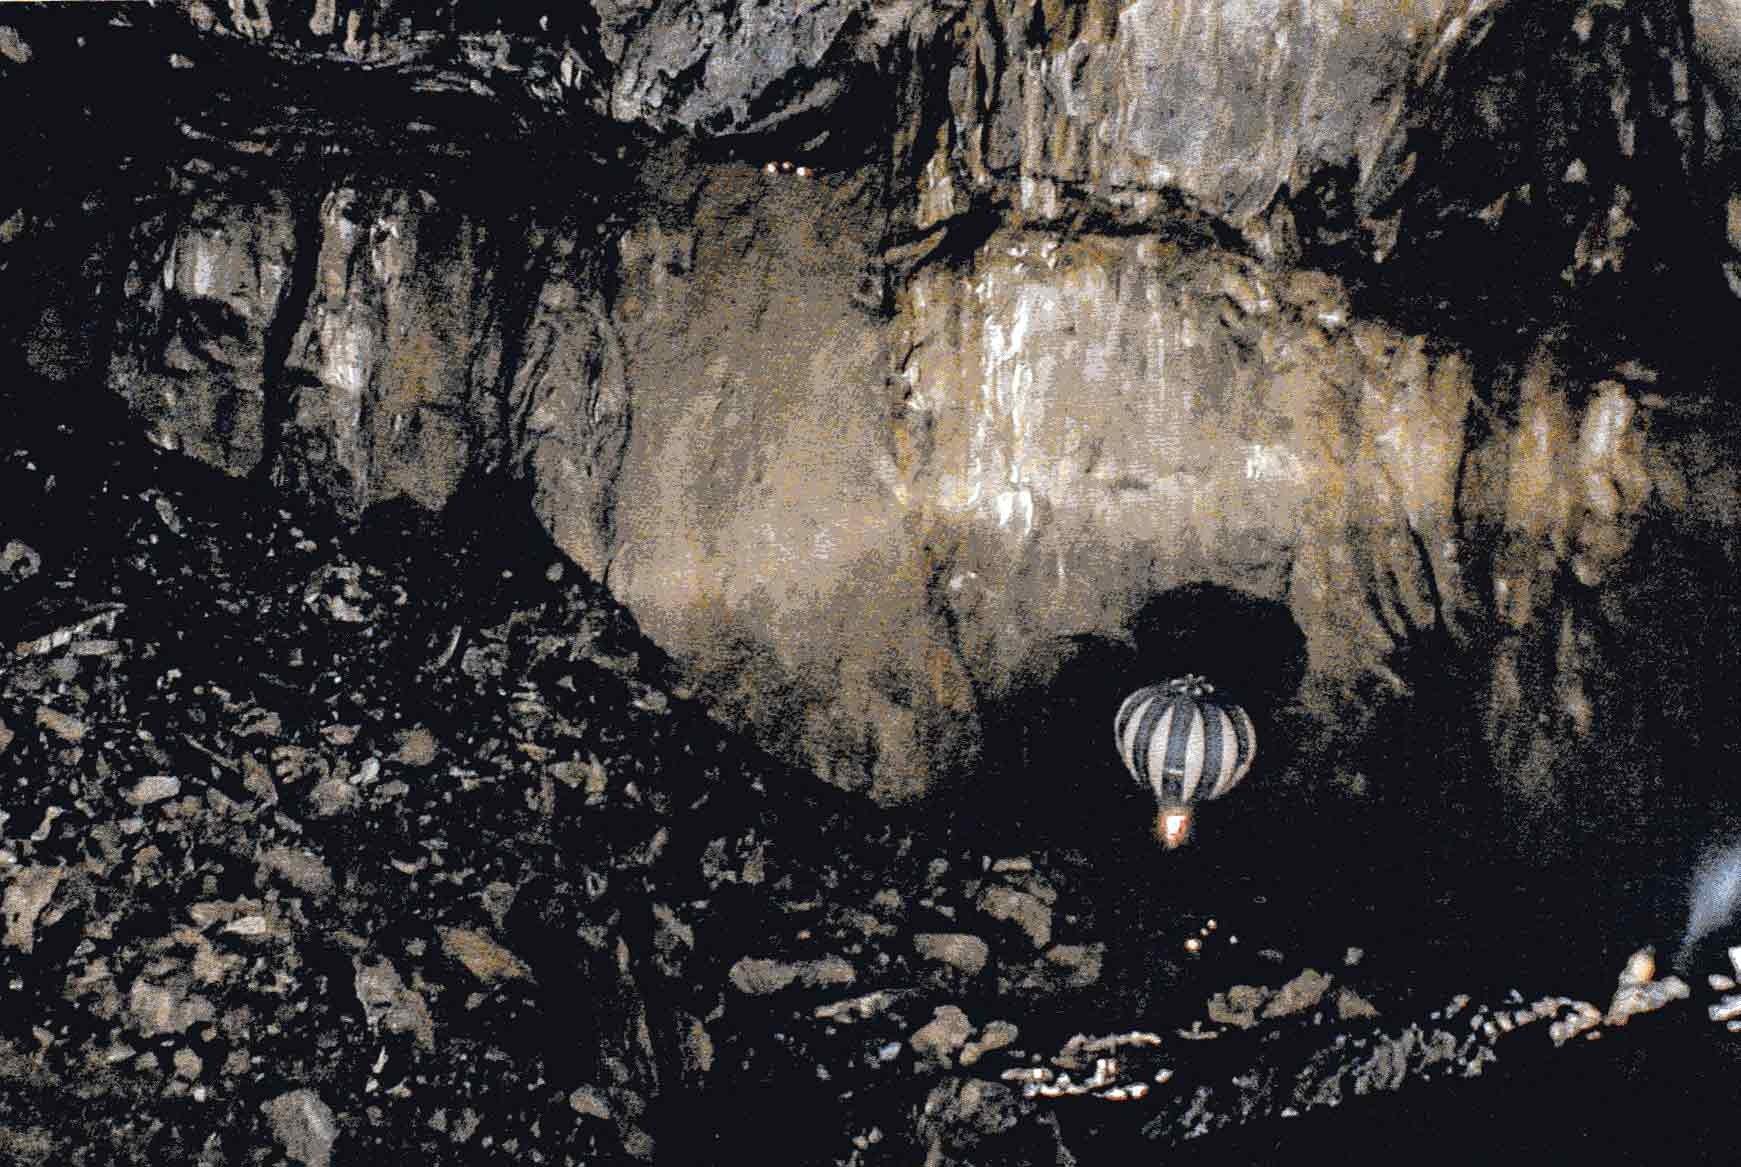 Vol d'une montgolfière fait en mars 2003 - Crédit photo : Editions Arsip